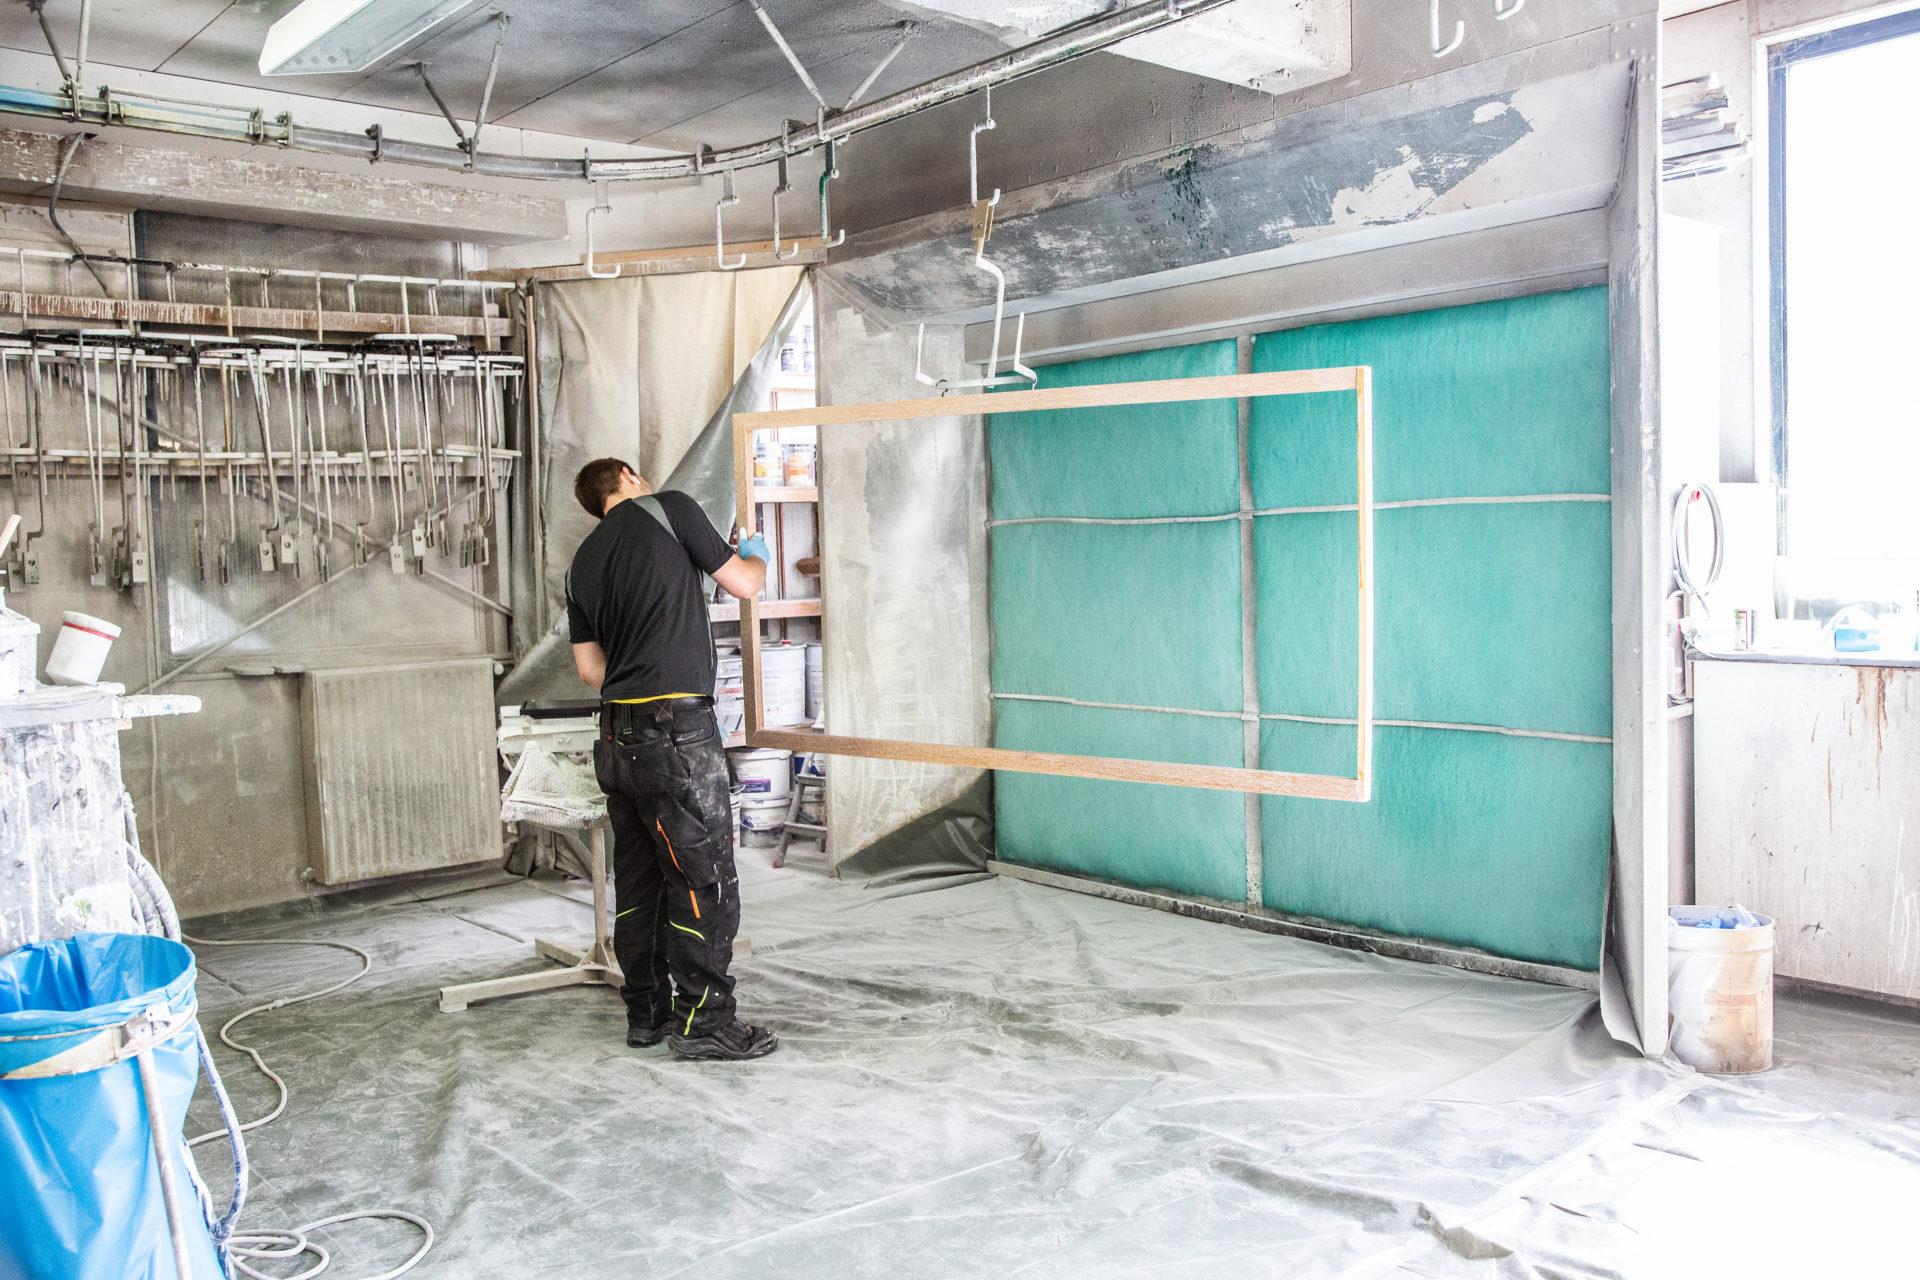 Tueren Fensterbau Moebel Tischlerei Berg Werkstatt Lackierung Overath Bergisch Gladbach